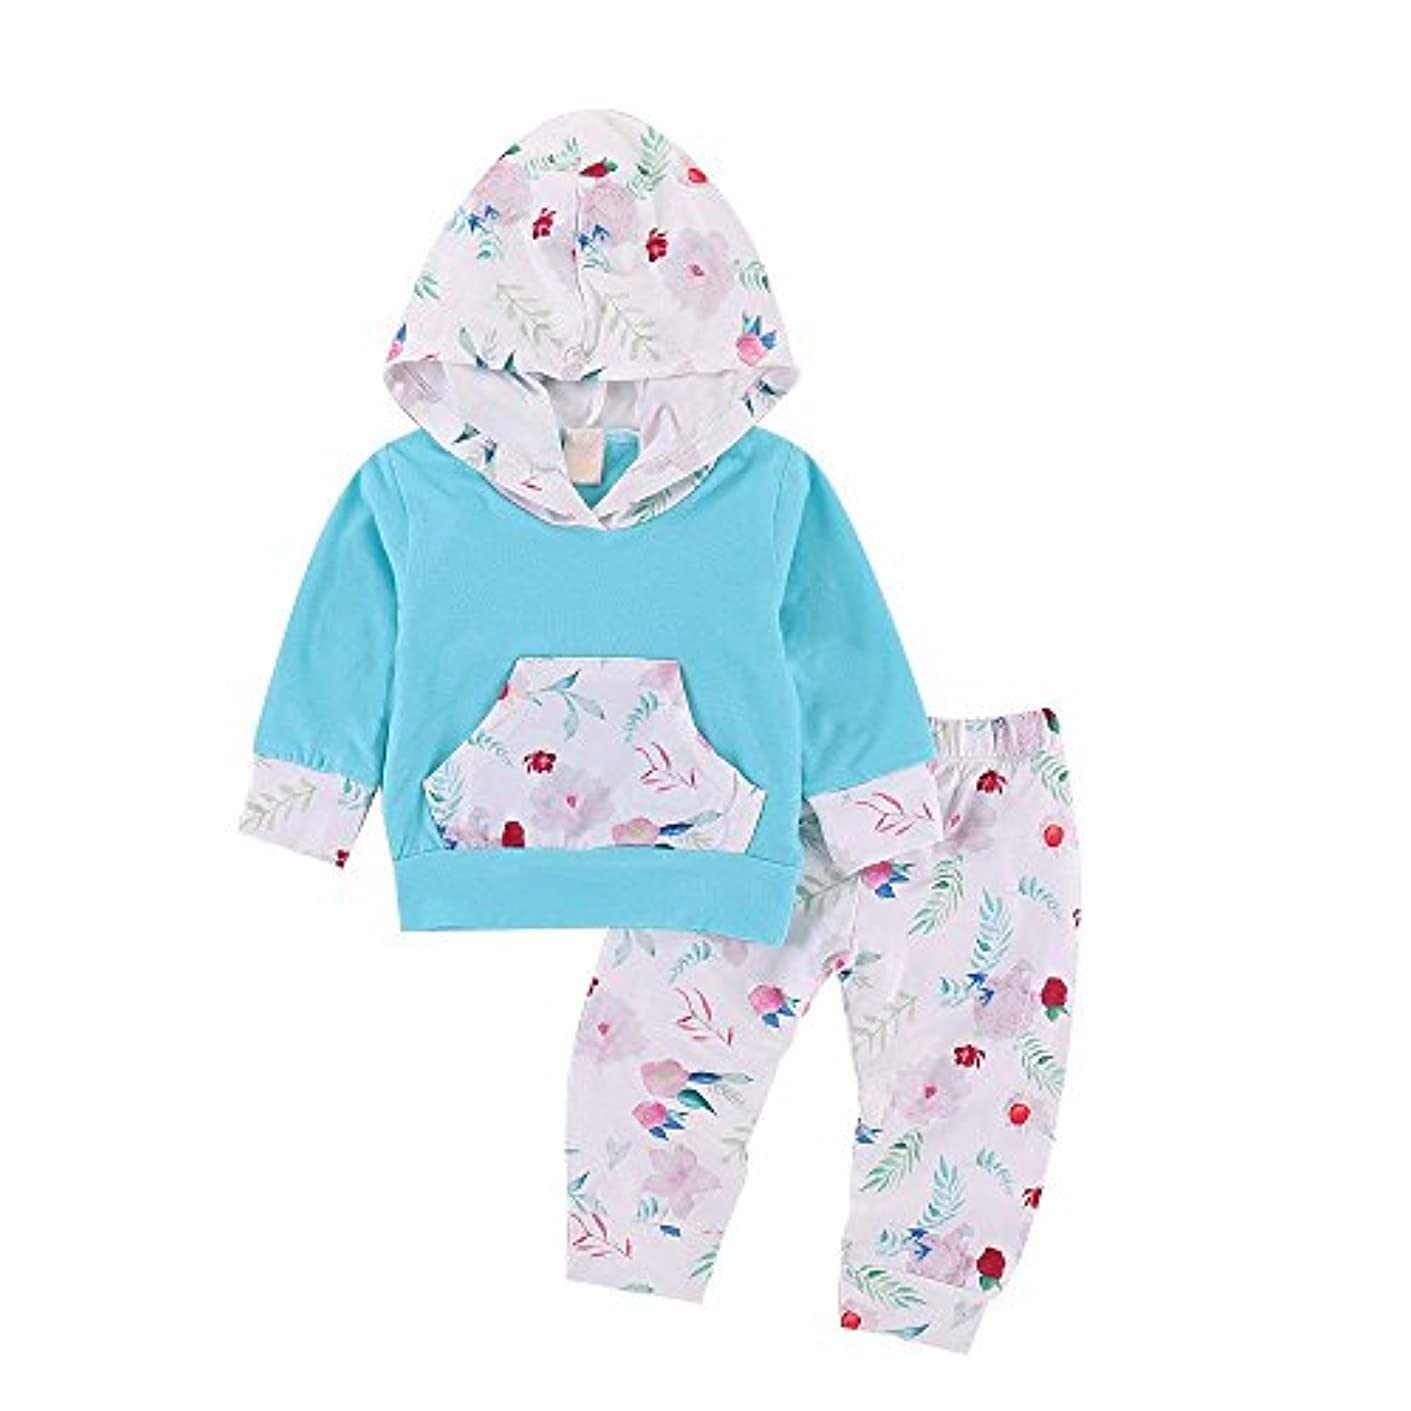 株式会社廊下男らしいBHKK 子供 幼児少年少女少女の長袖フラワーパーカーズトップスとパンツのコスチューム 6ヶ月 - 24ヶ月 24ヶ月